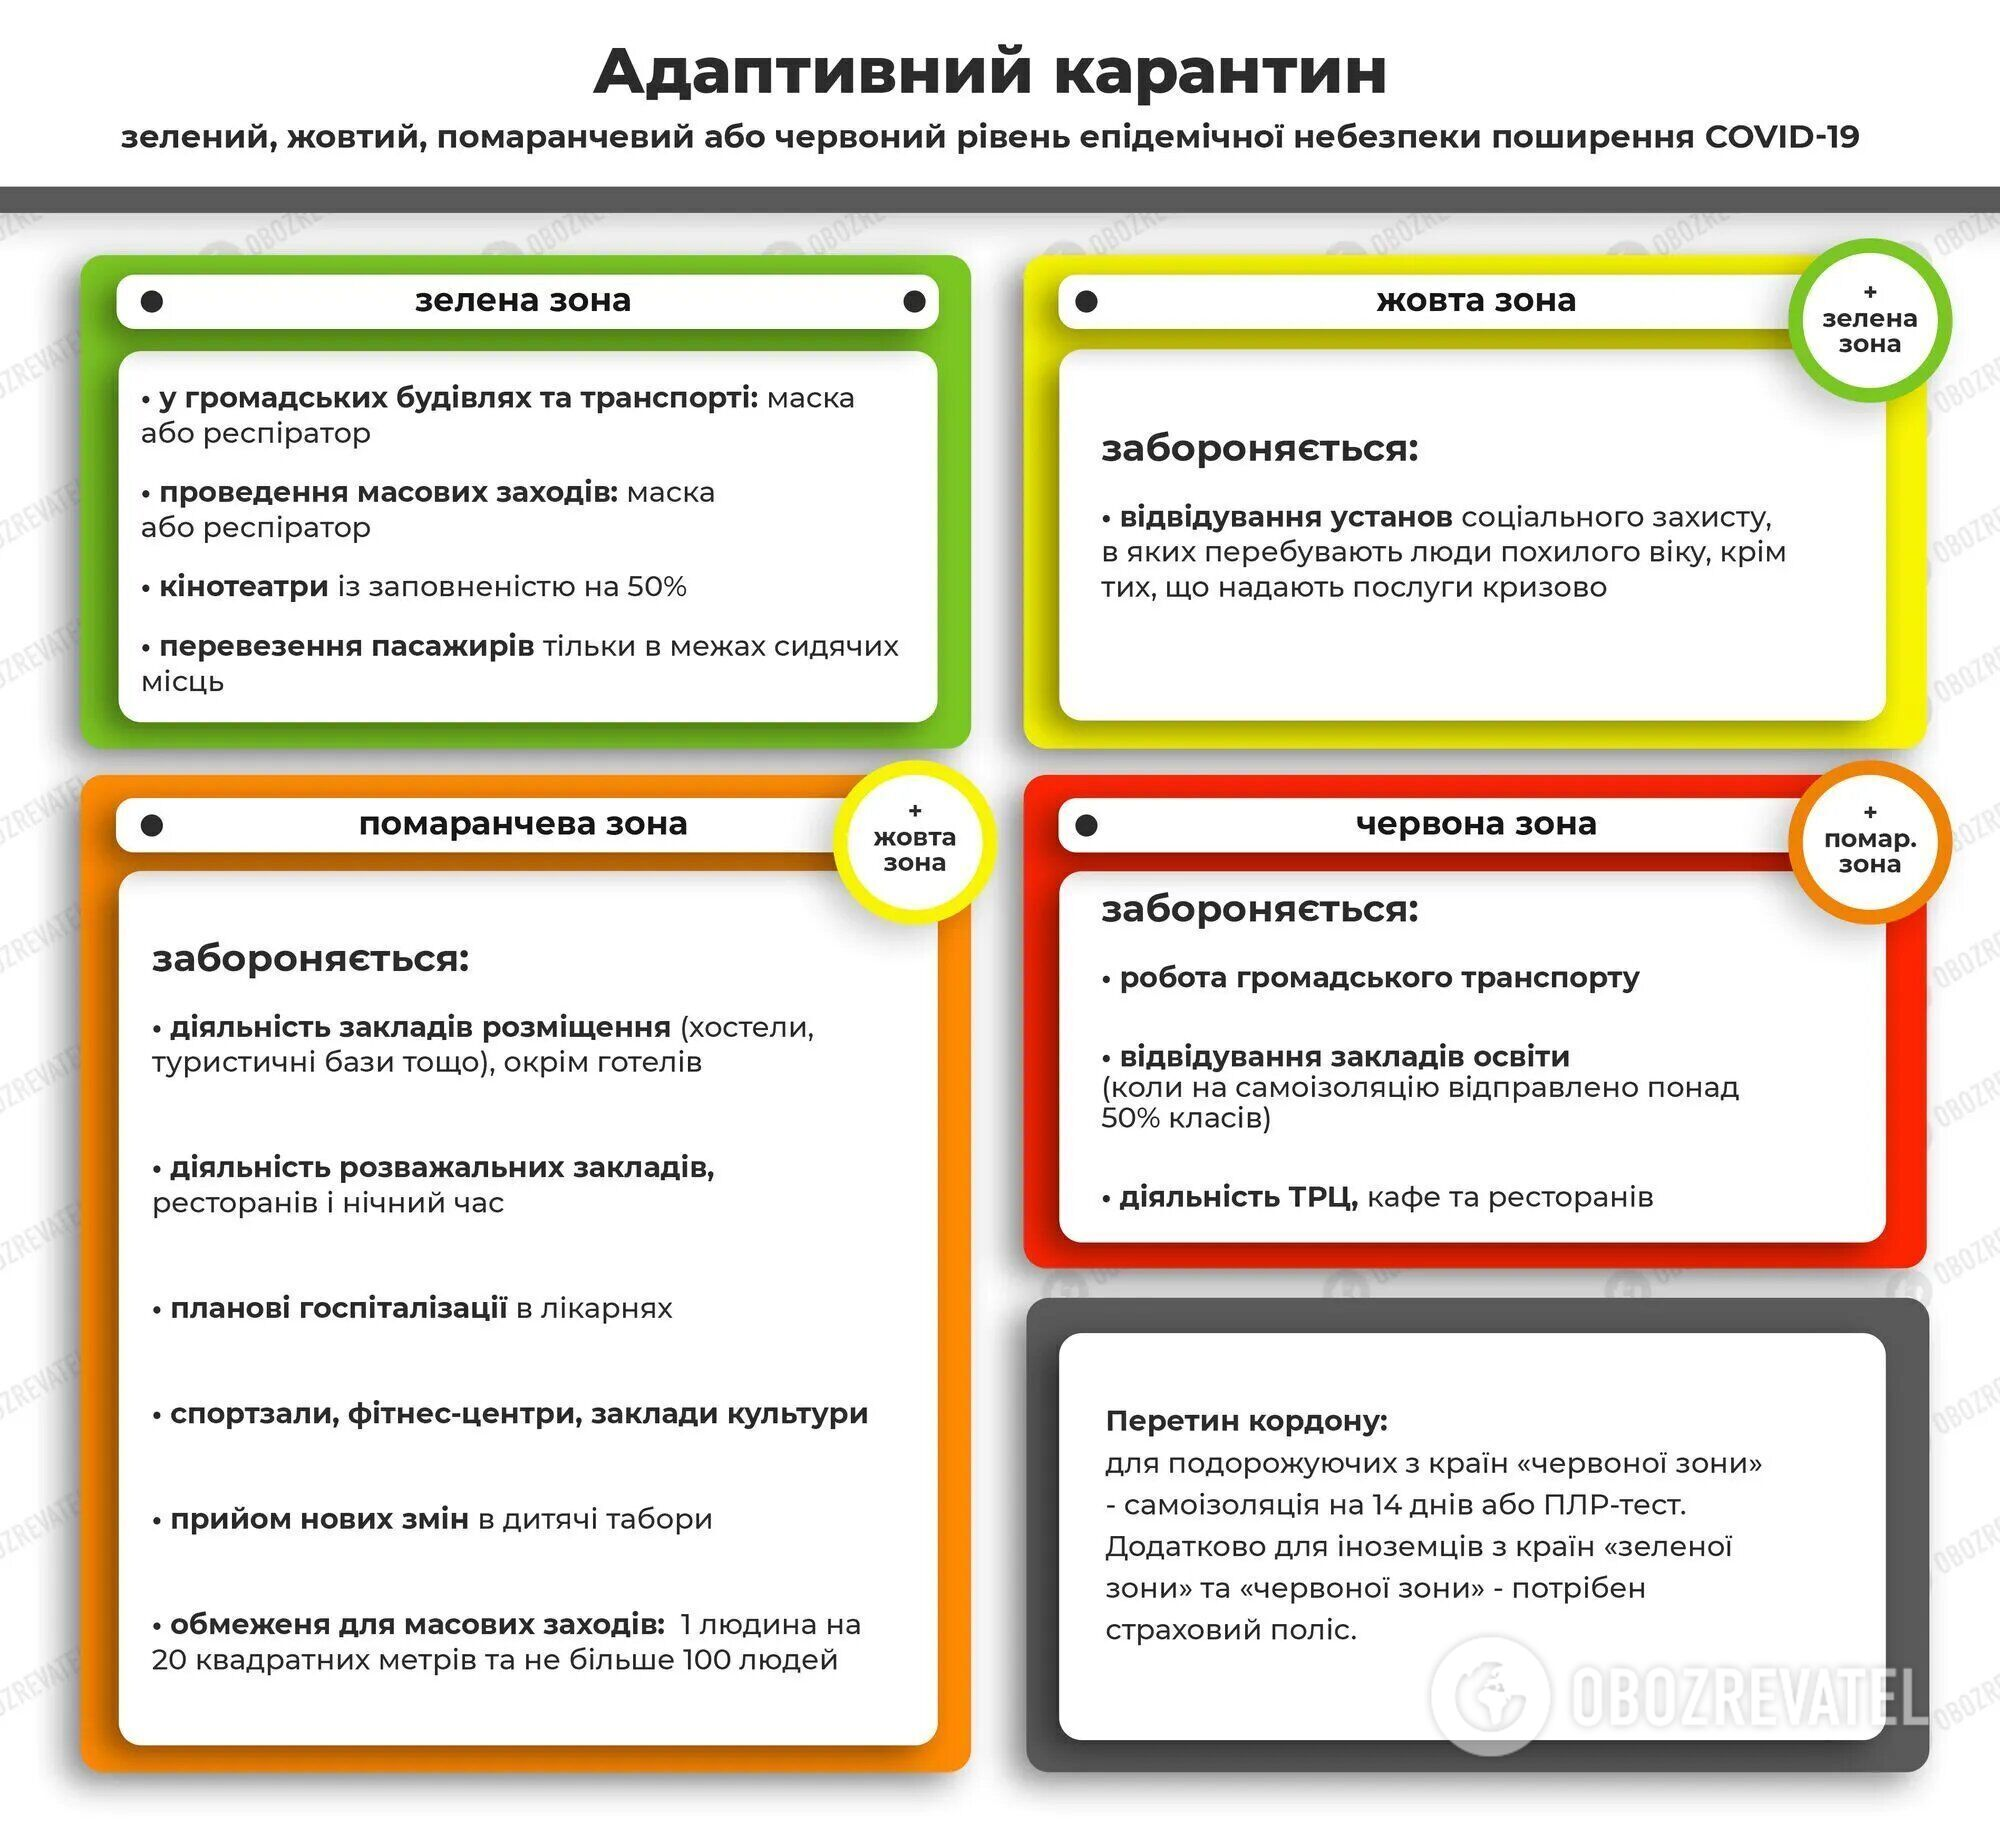 Ограничения карантинных зон в Украине